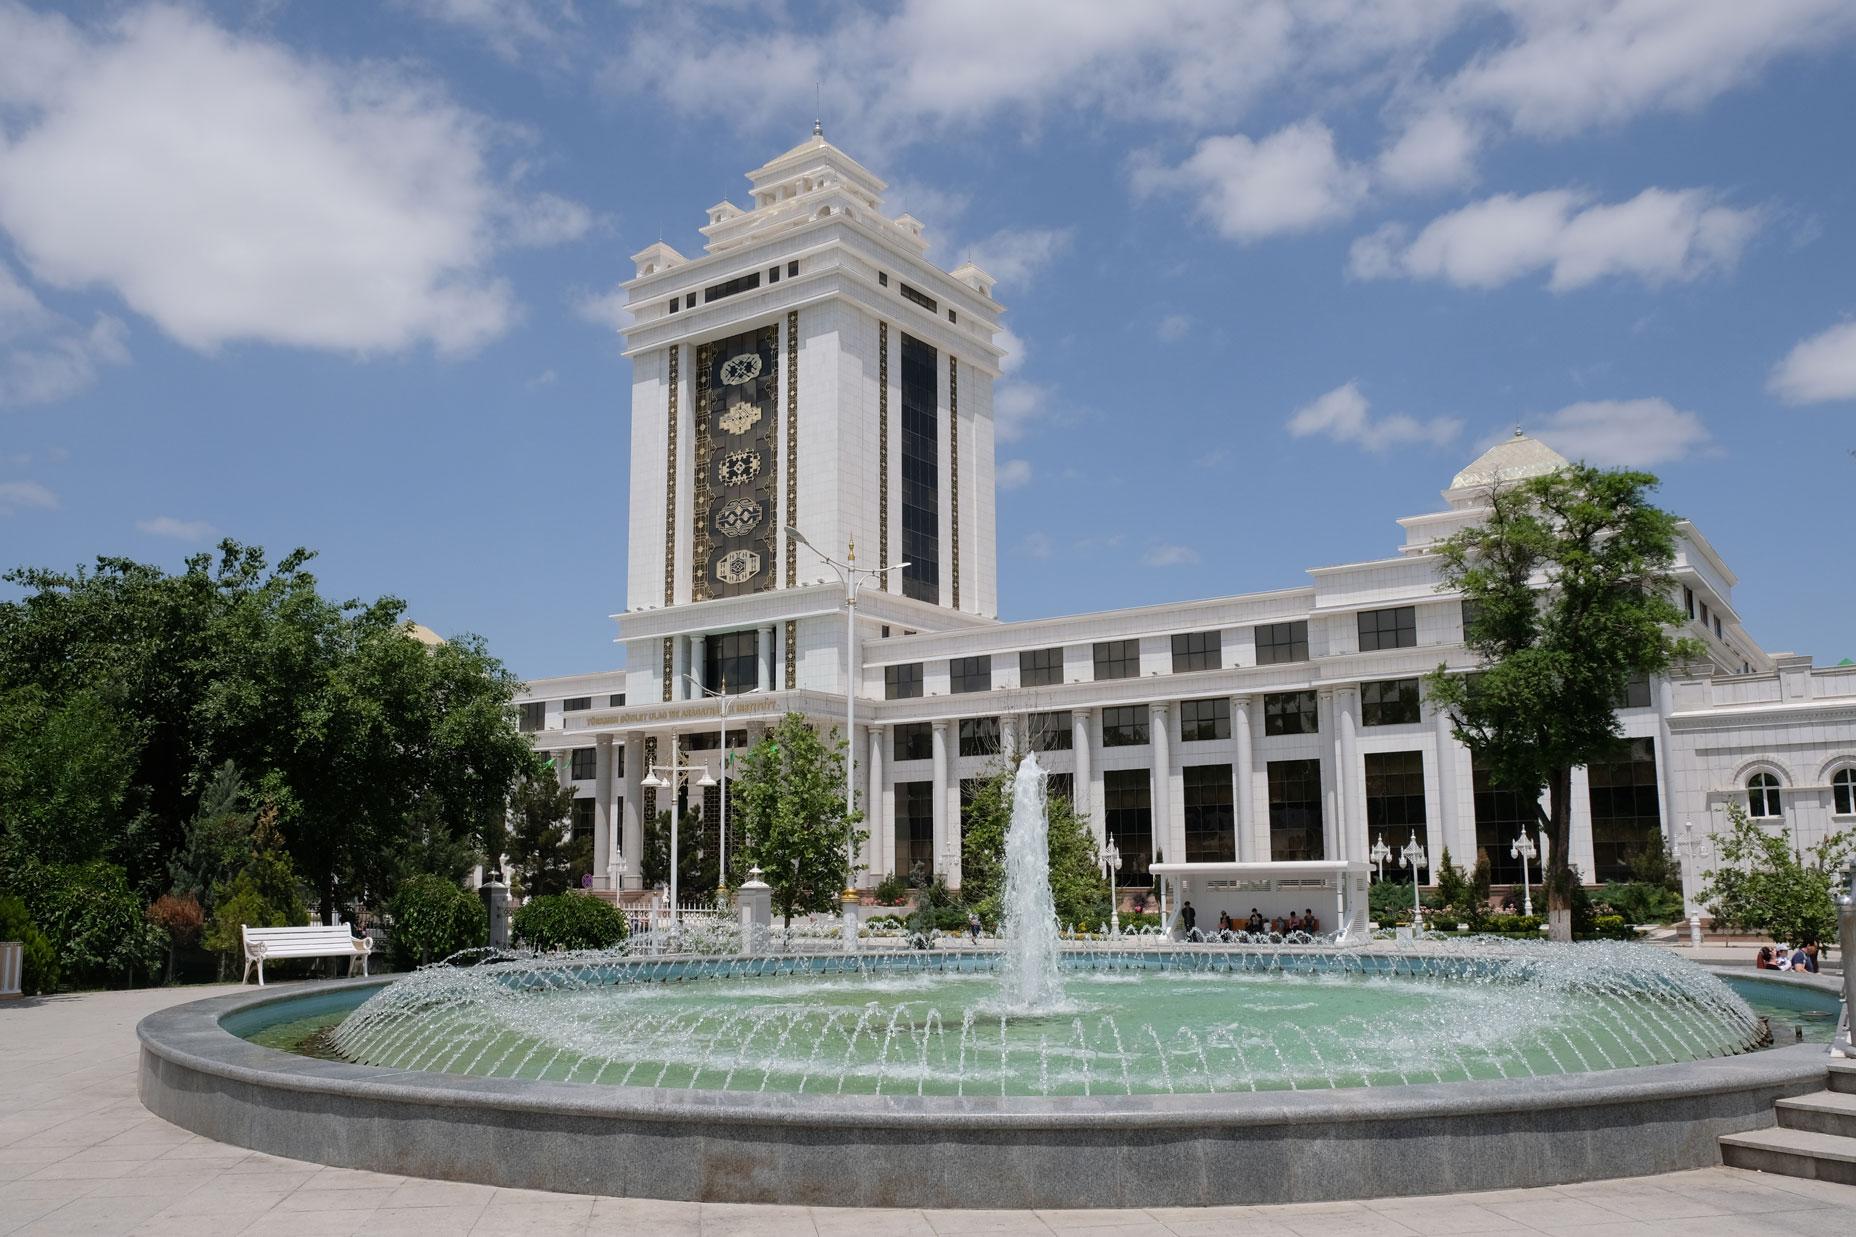 Ein Springbrunnen vor einem mit Marmor verkleideten Gebäude in Aşgabat